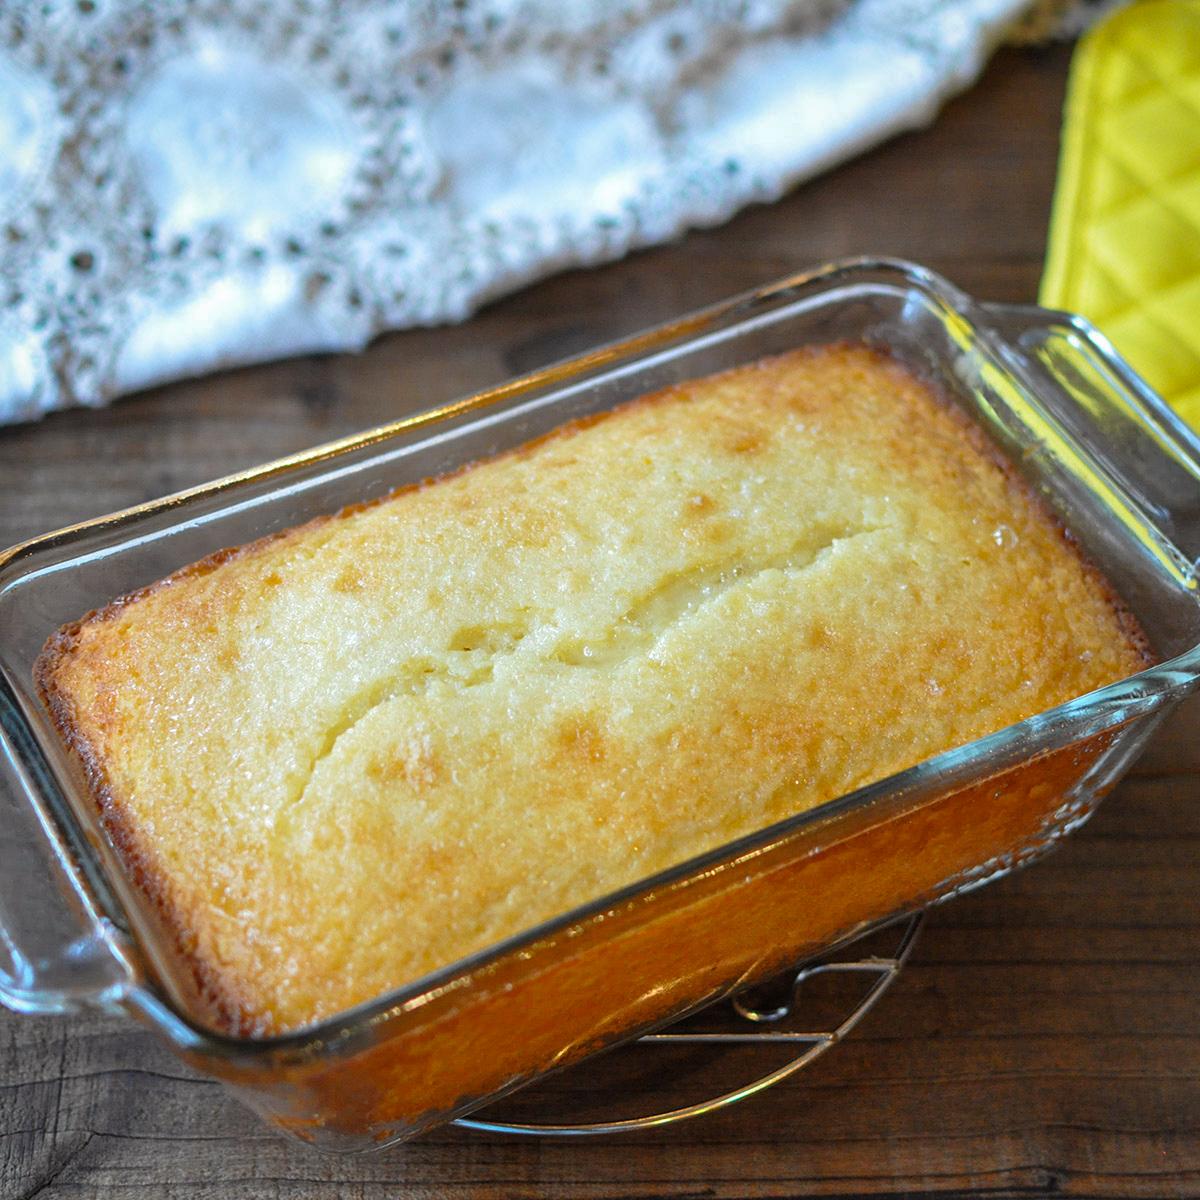 a fresh baked lemon bread in a glass pan